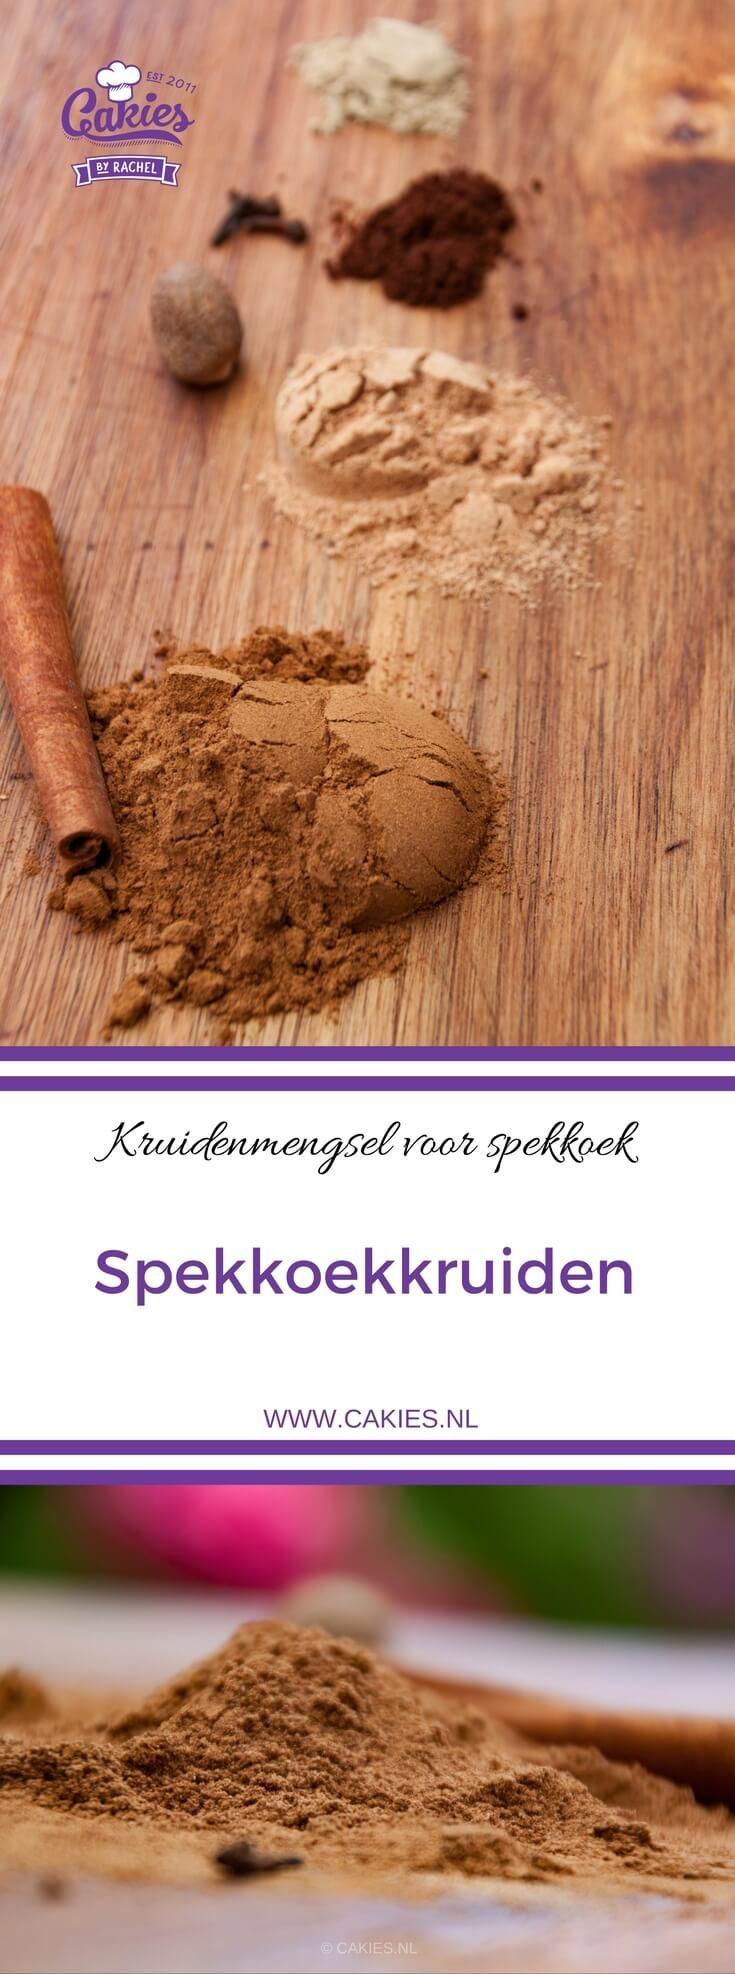 Spekkoekkruiden lijken op Speculaaskruiden en zijn een geurig mengsel van kaneel, kruidnagel, nootmuskaat en kardemom. Wist je dat je spekkoekkruiden makkelijk zelf kan maken.   Spekkoekkruiden Recept